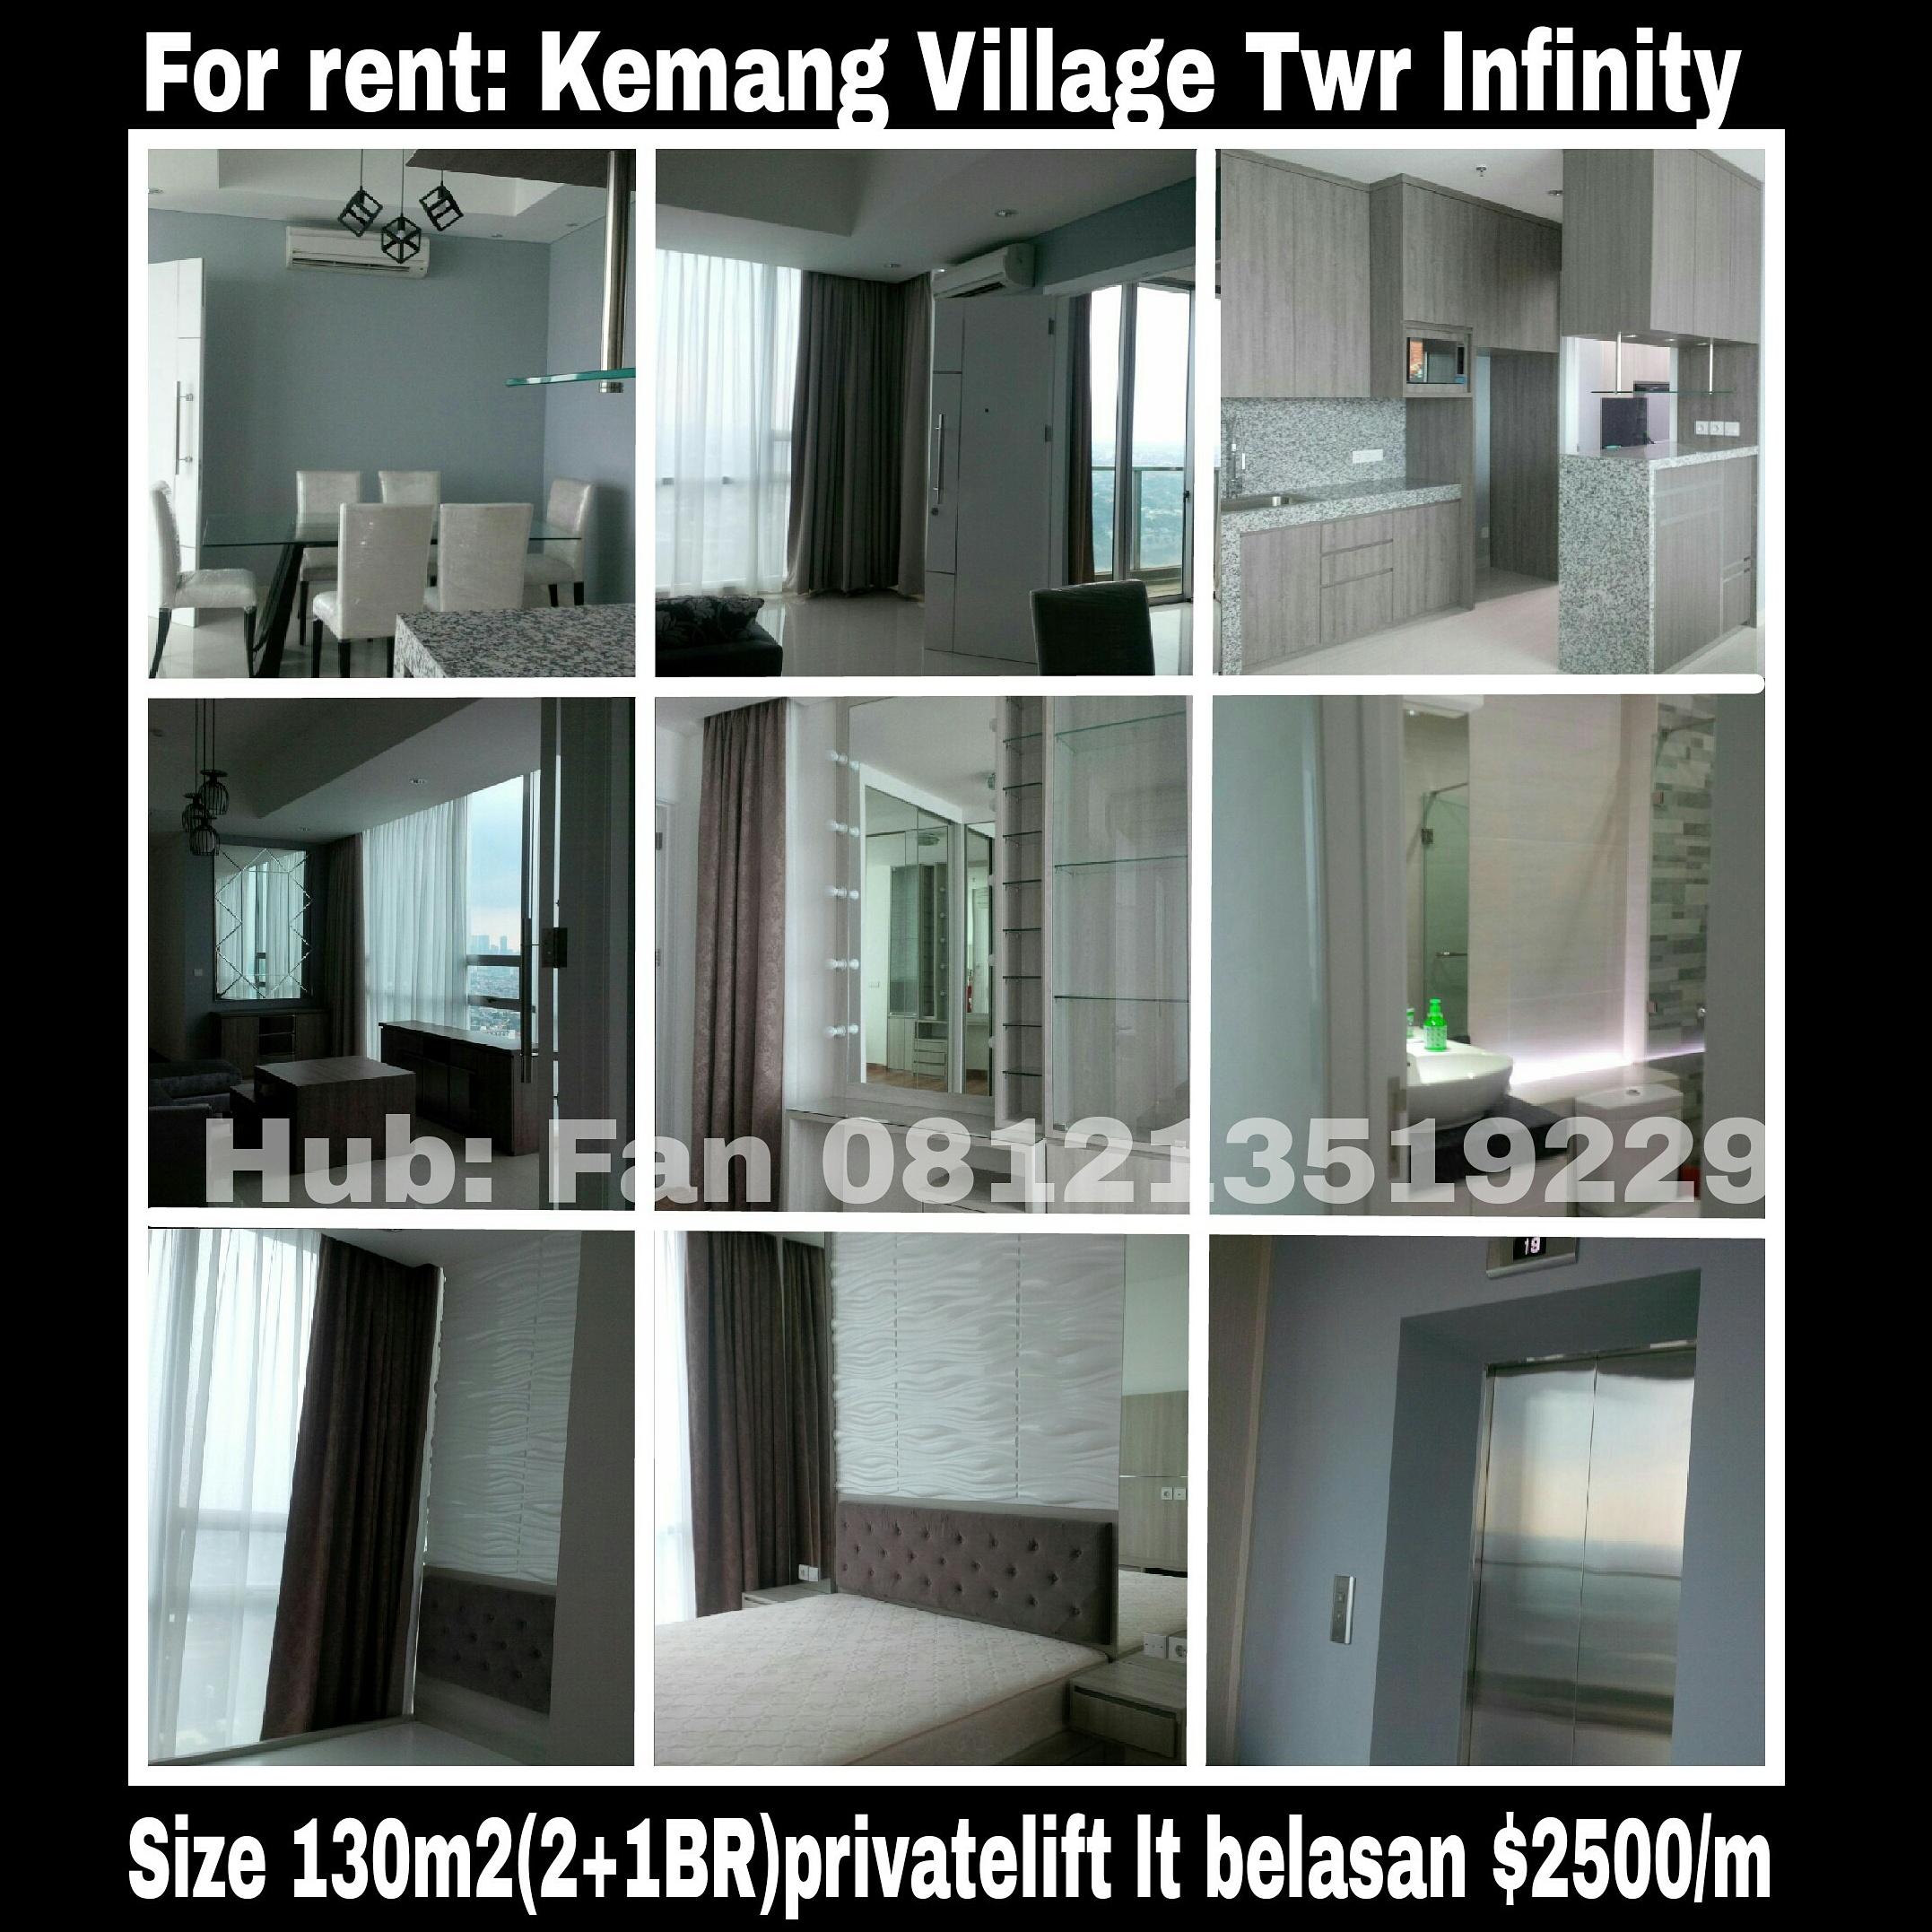 Sewa Apt KVR Infinity 130m2.jpg